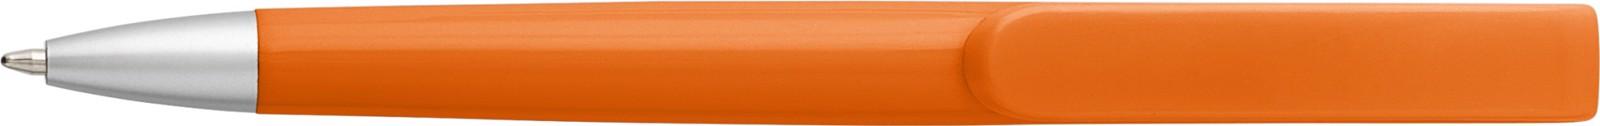 ABS ballpen - Orange